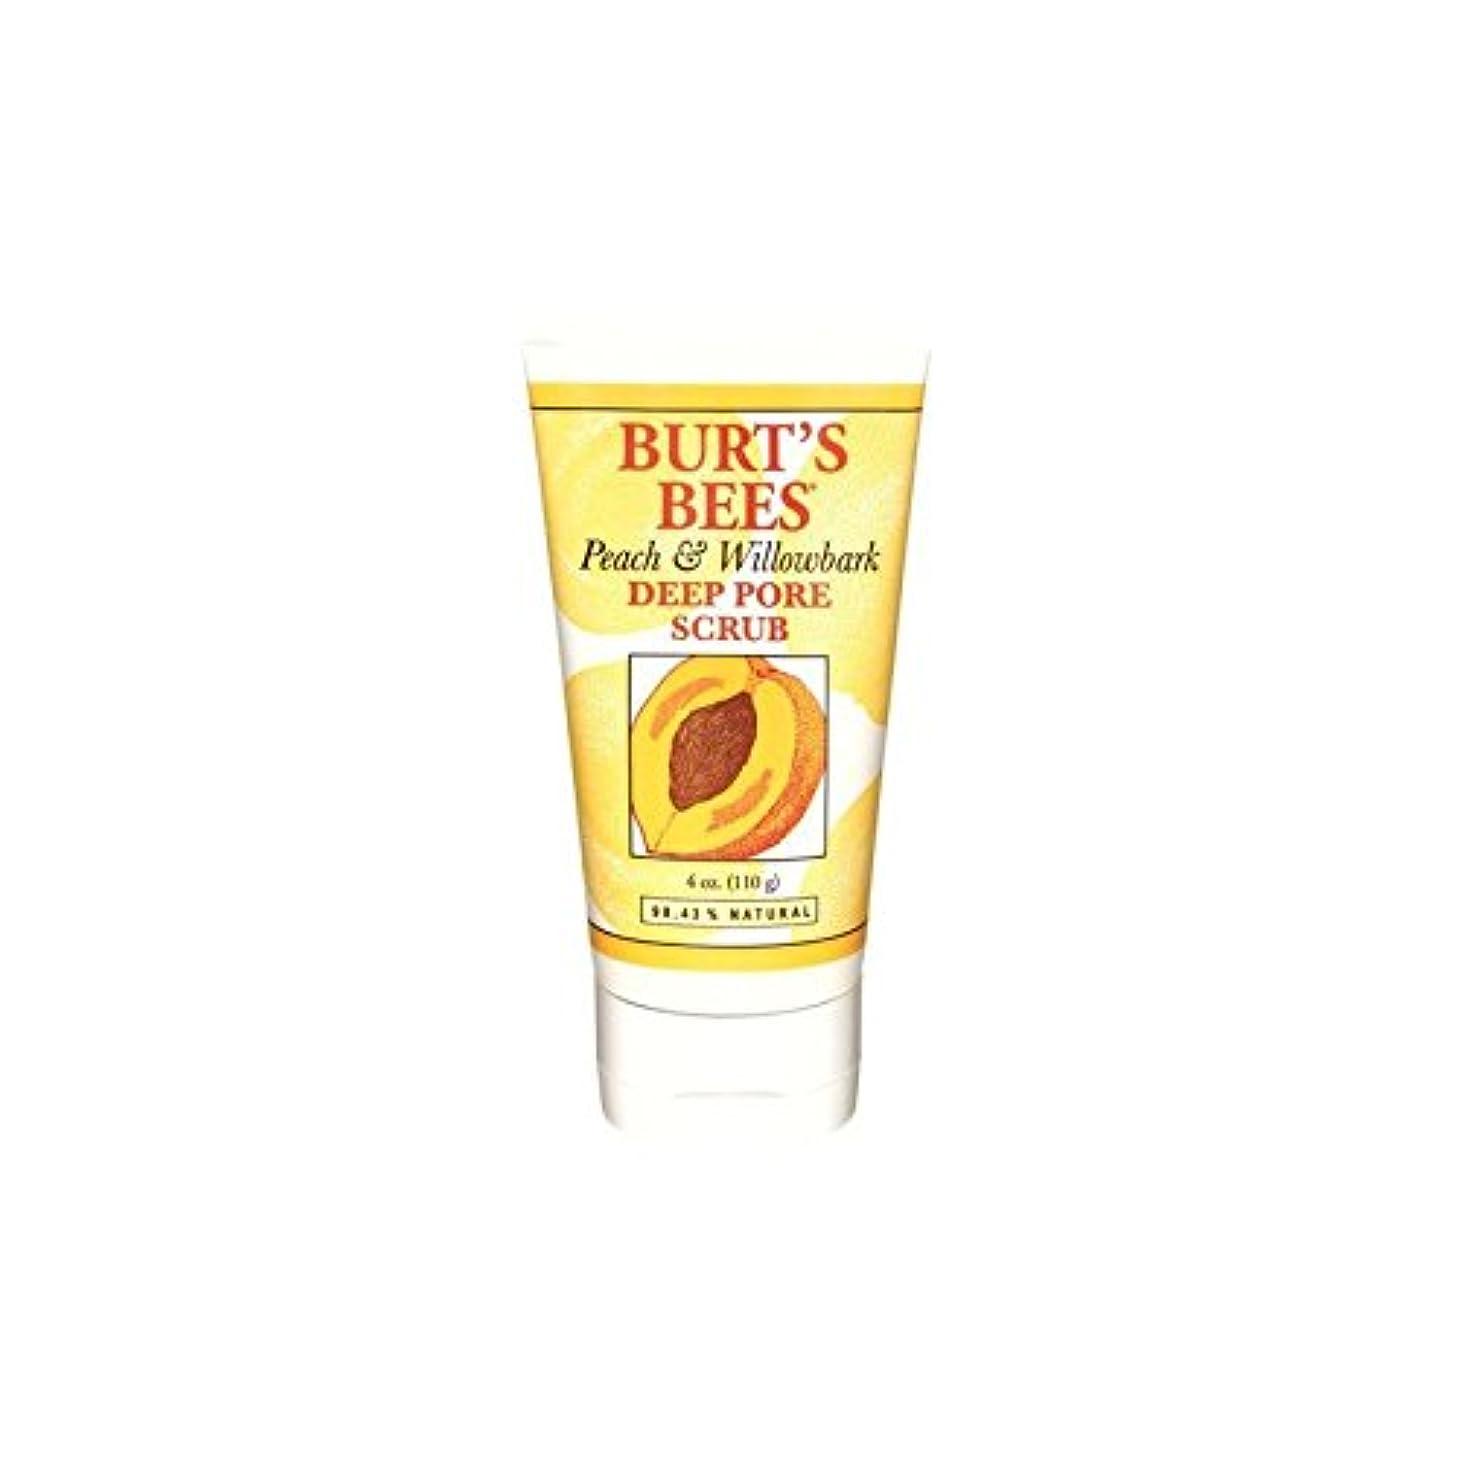 咽頭サーキュレーション米ドルBurt's Bees Peach & Willowbark Deep Pore Scrub (4 Oz / 110G) - バーツビーの桃&深いポアスクラブ(4オンス/ 110グラム) [並行輸入品]